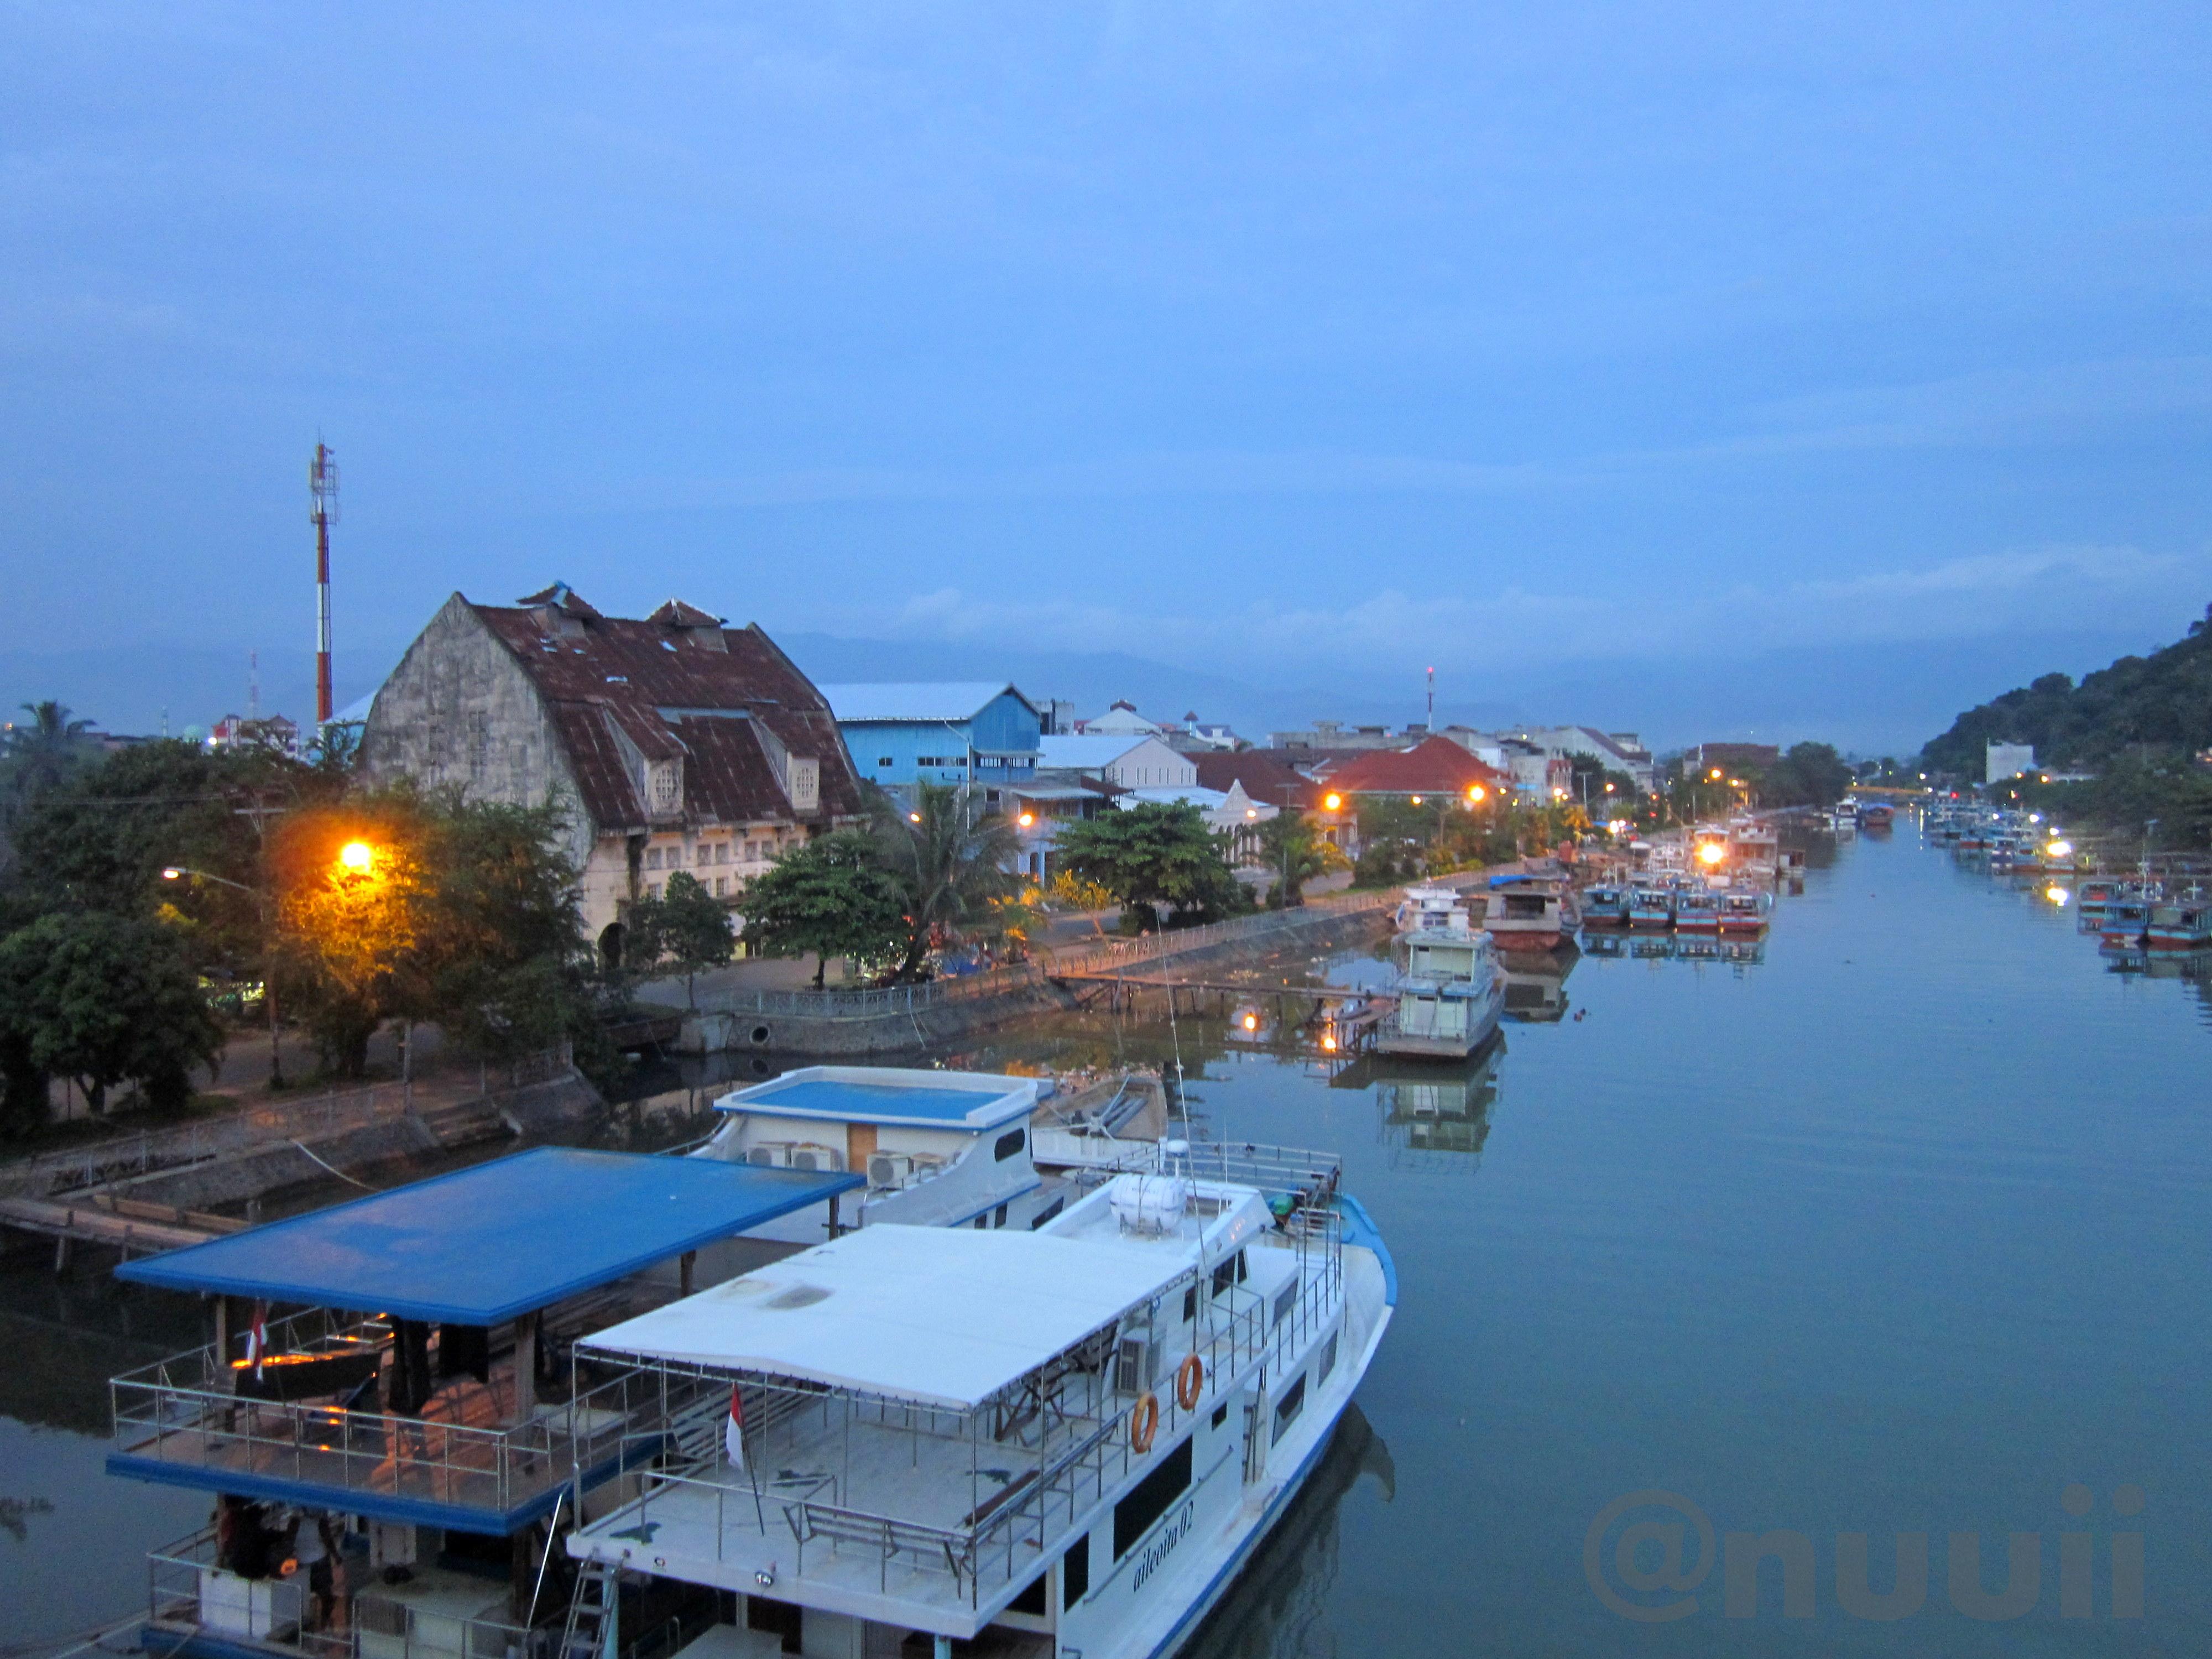 Sumbartrip Antara Bukittinggi Jembatan Siti Nurbaya Nuuii Img 8269e Kota